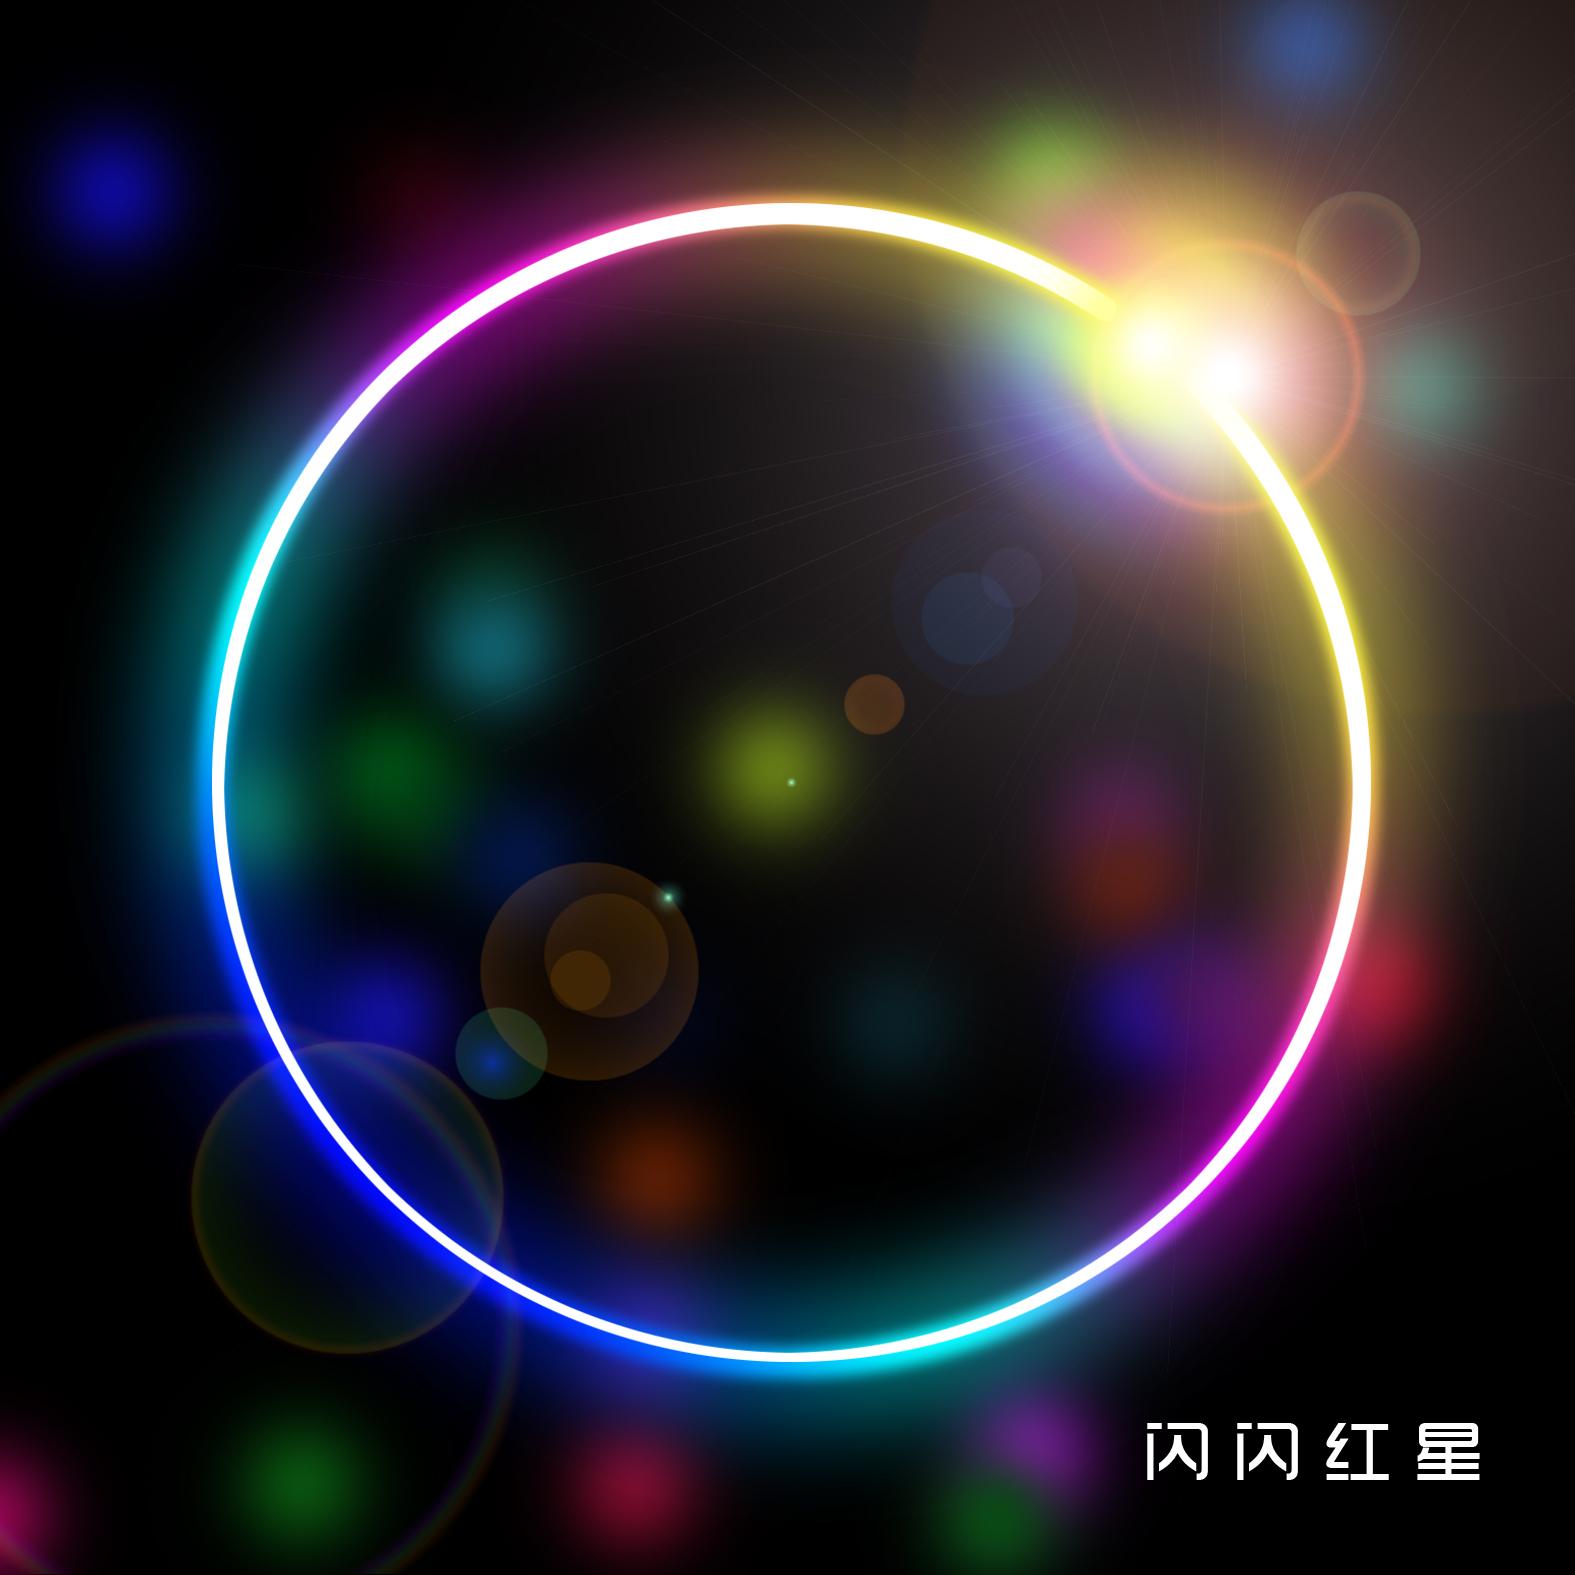 漂亮的彩色发光圆环